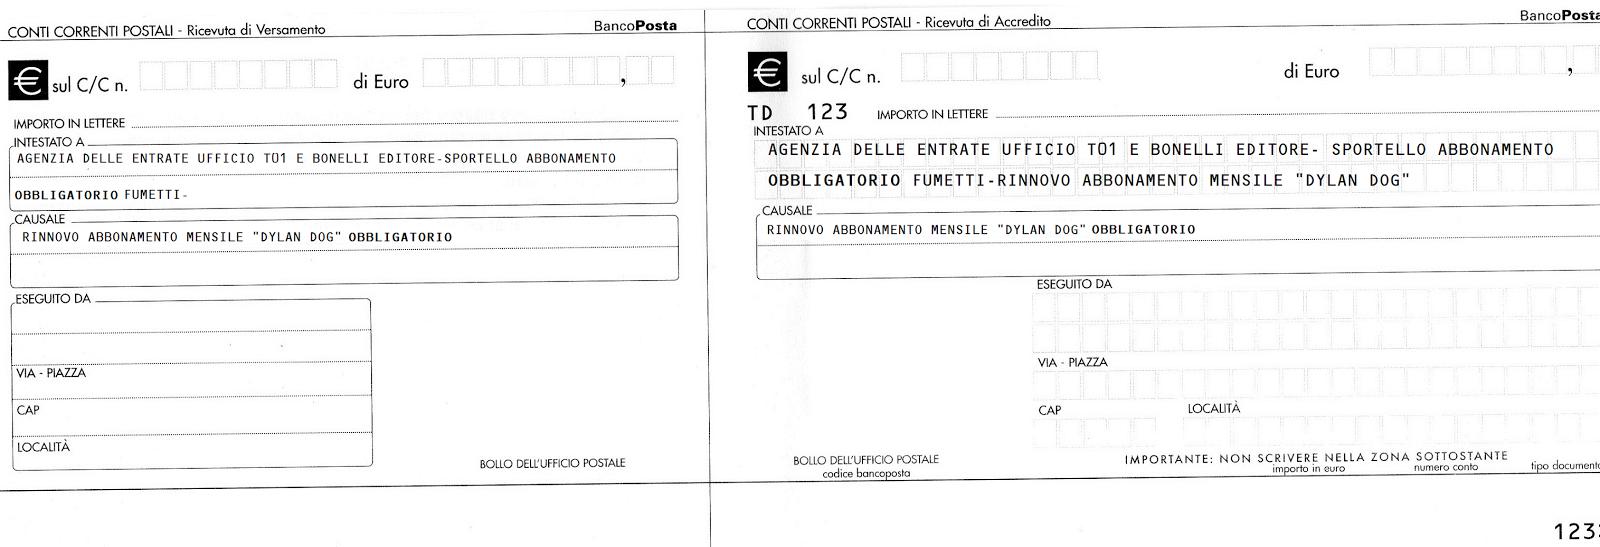 E vidi colui che le lettere a caso pone recensione for Bollettino precompilato